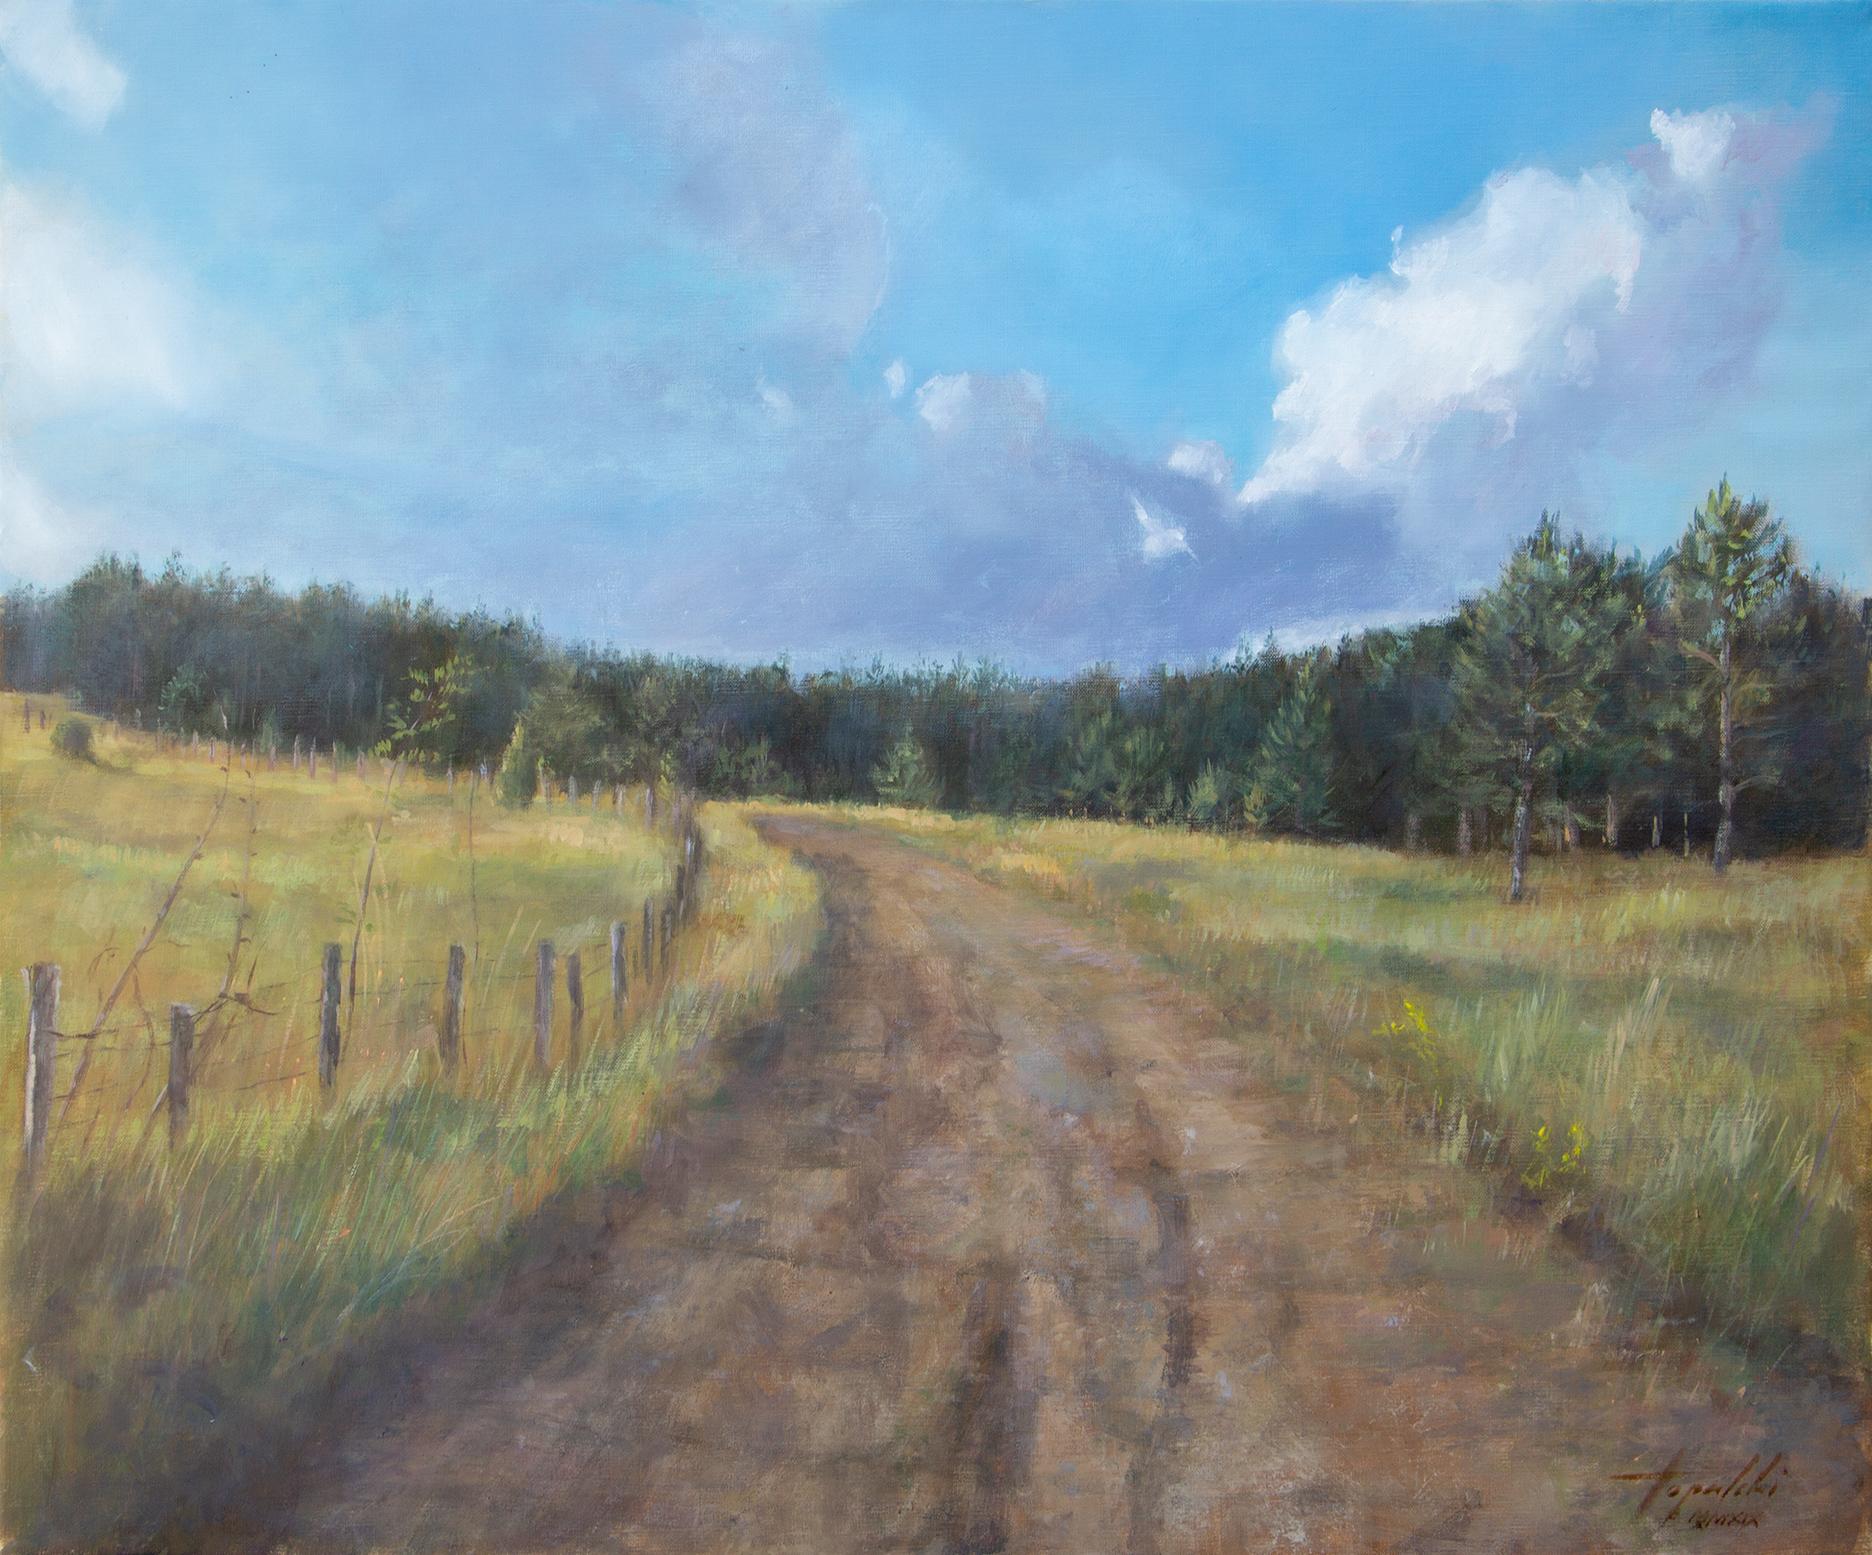 Umetnička slika - Kremna - Milenine Livade - 50x60cm Ulje na platnu - umetnik Darko TOPALSKI